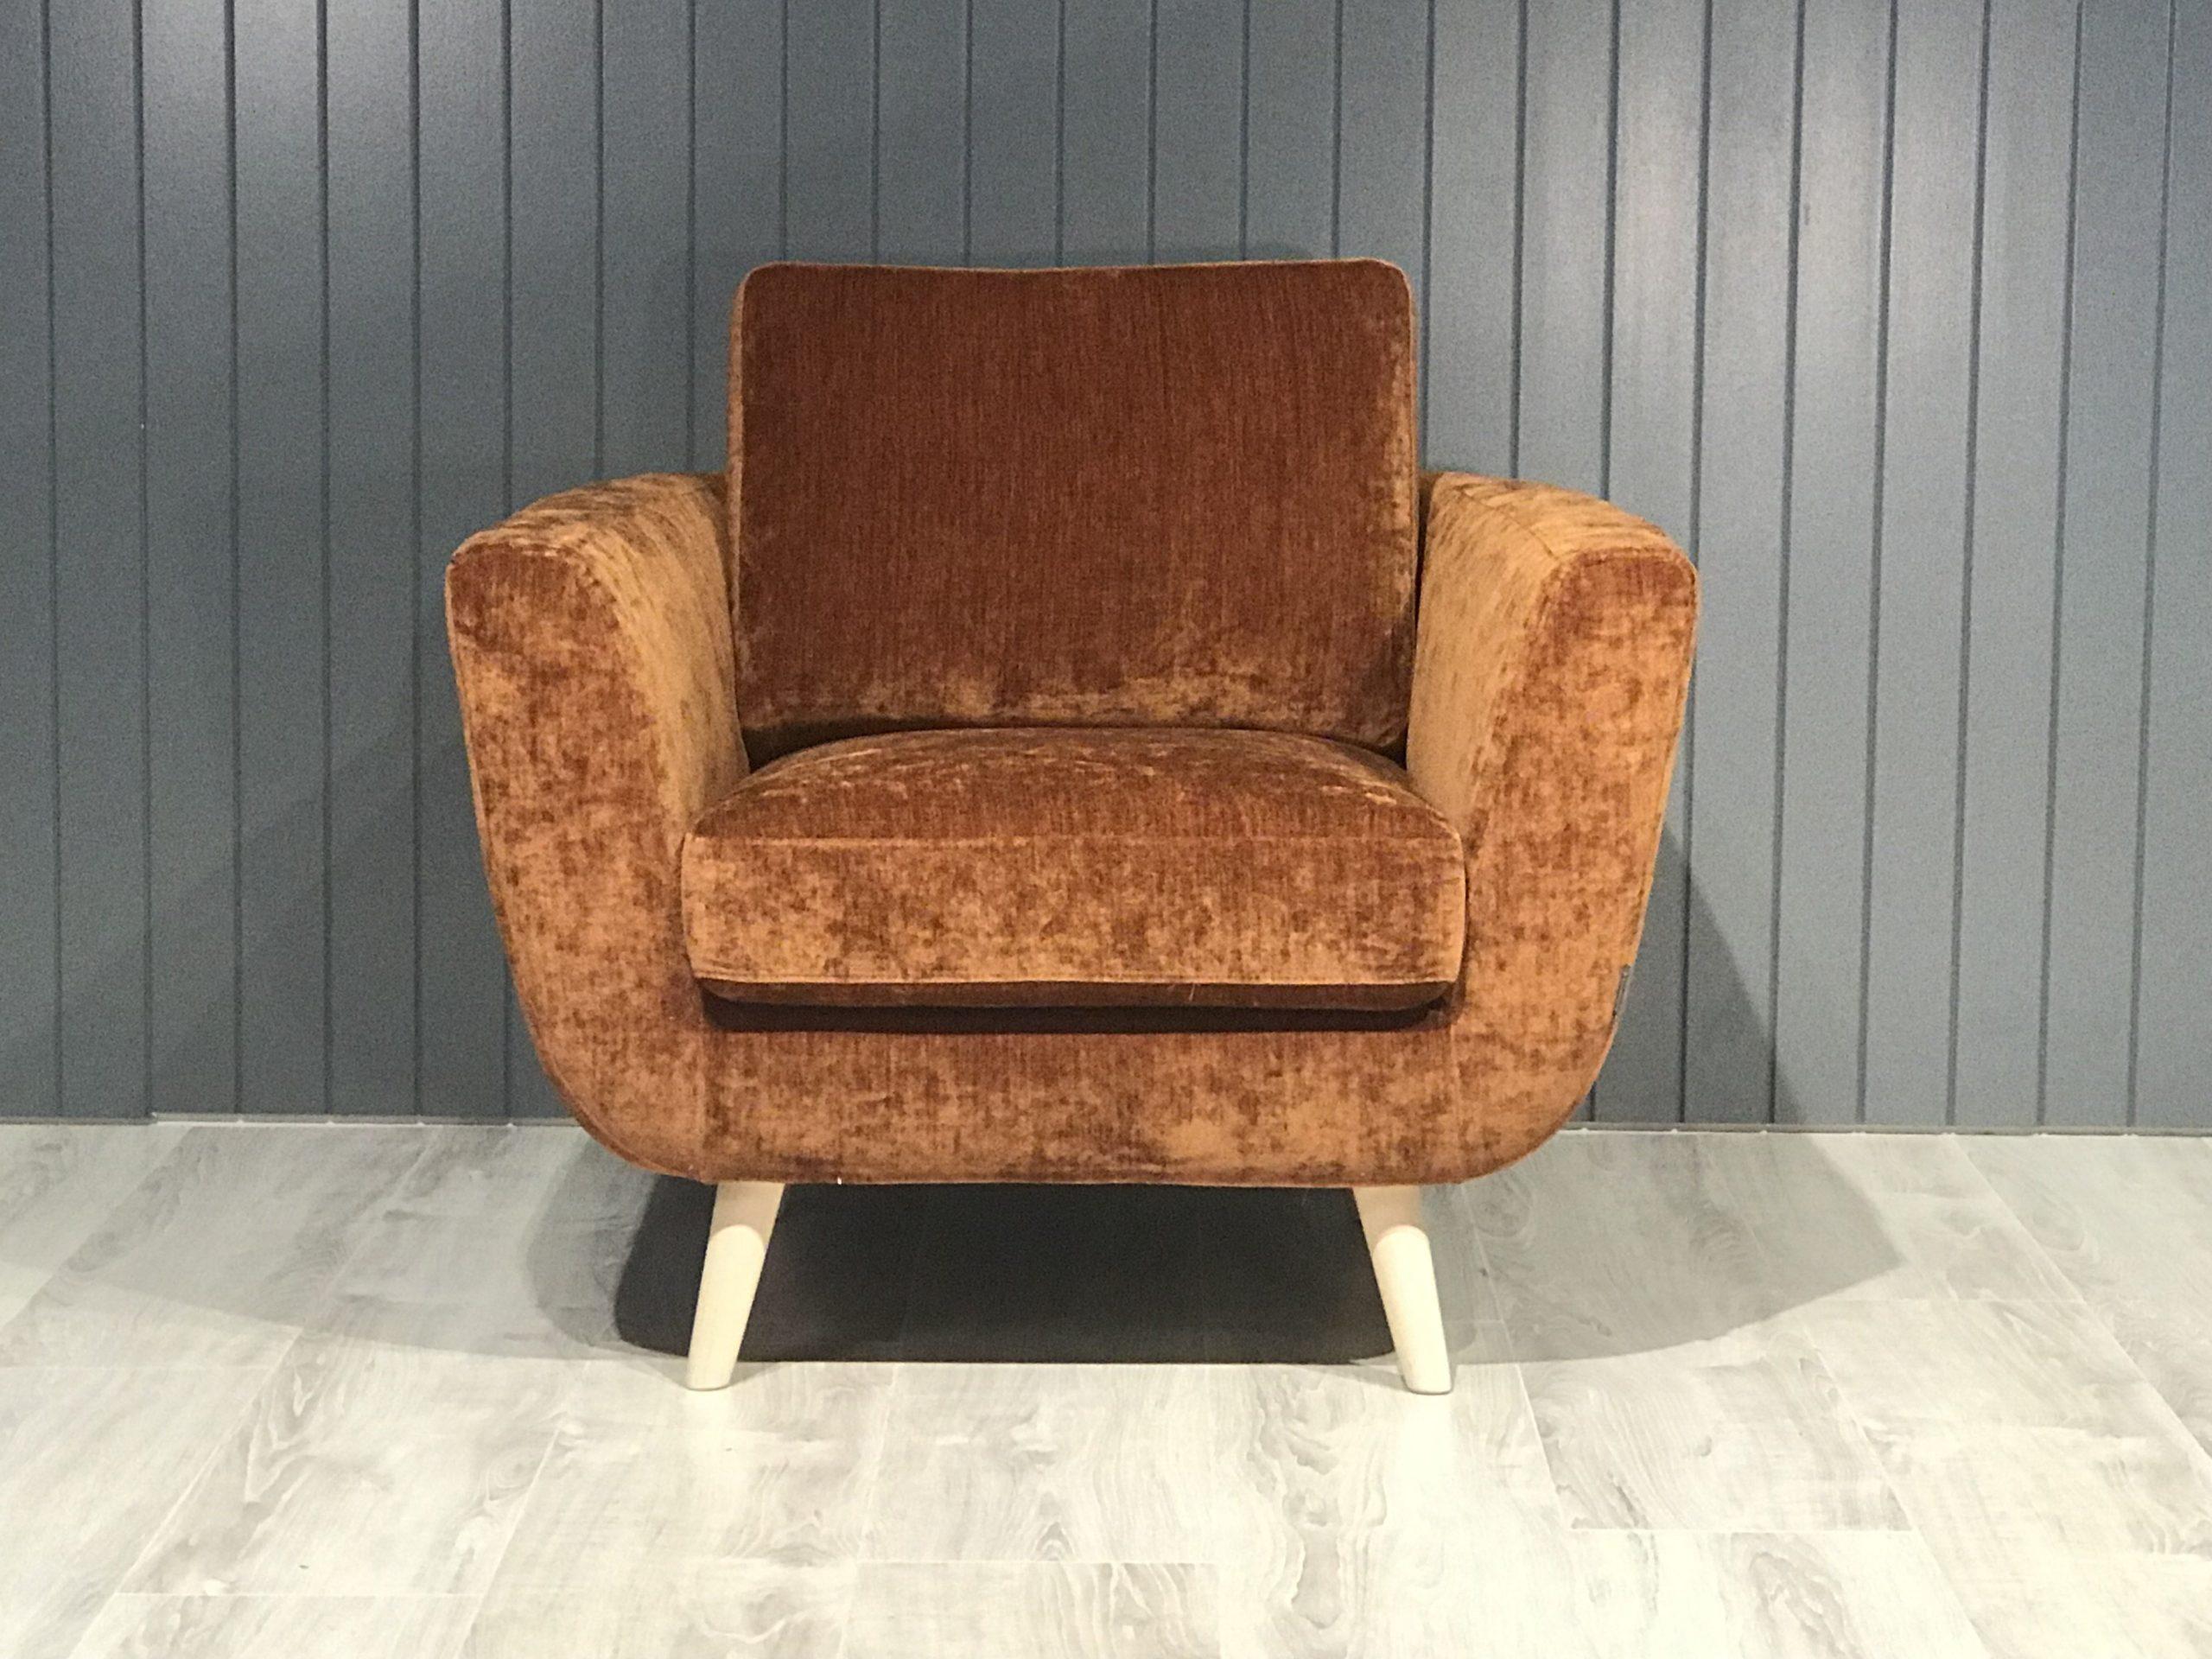 Tilbud salg Smile svingstol › Hvilestoler og lenestoler